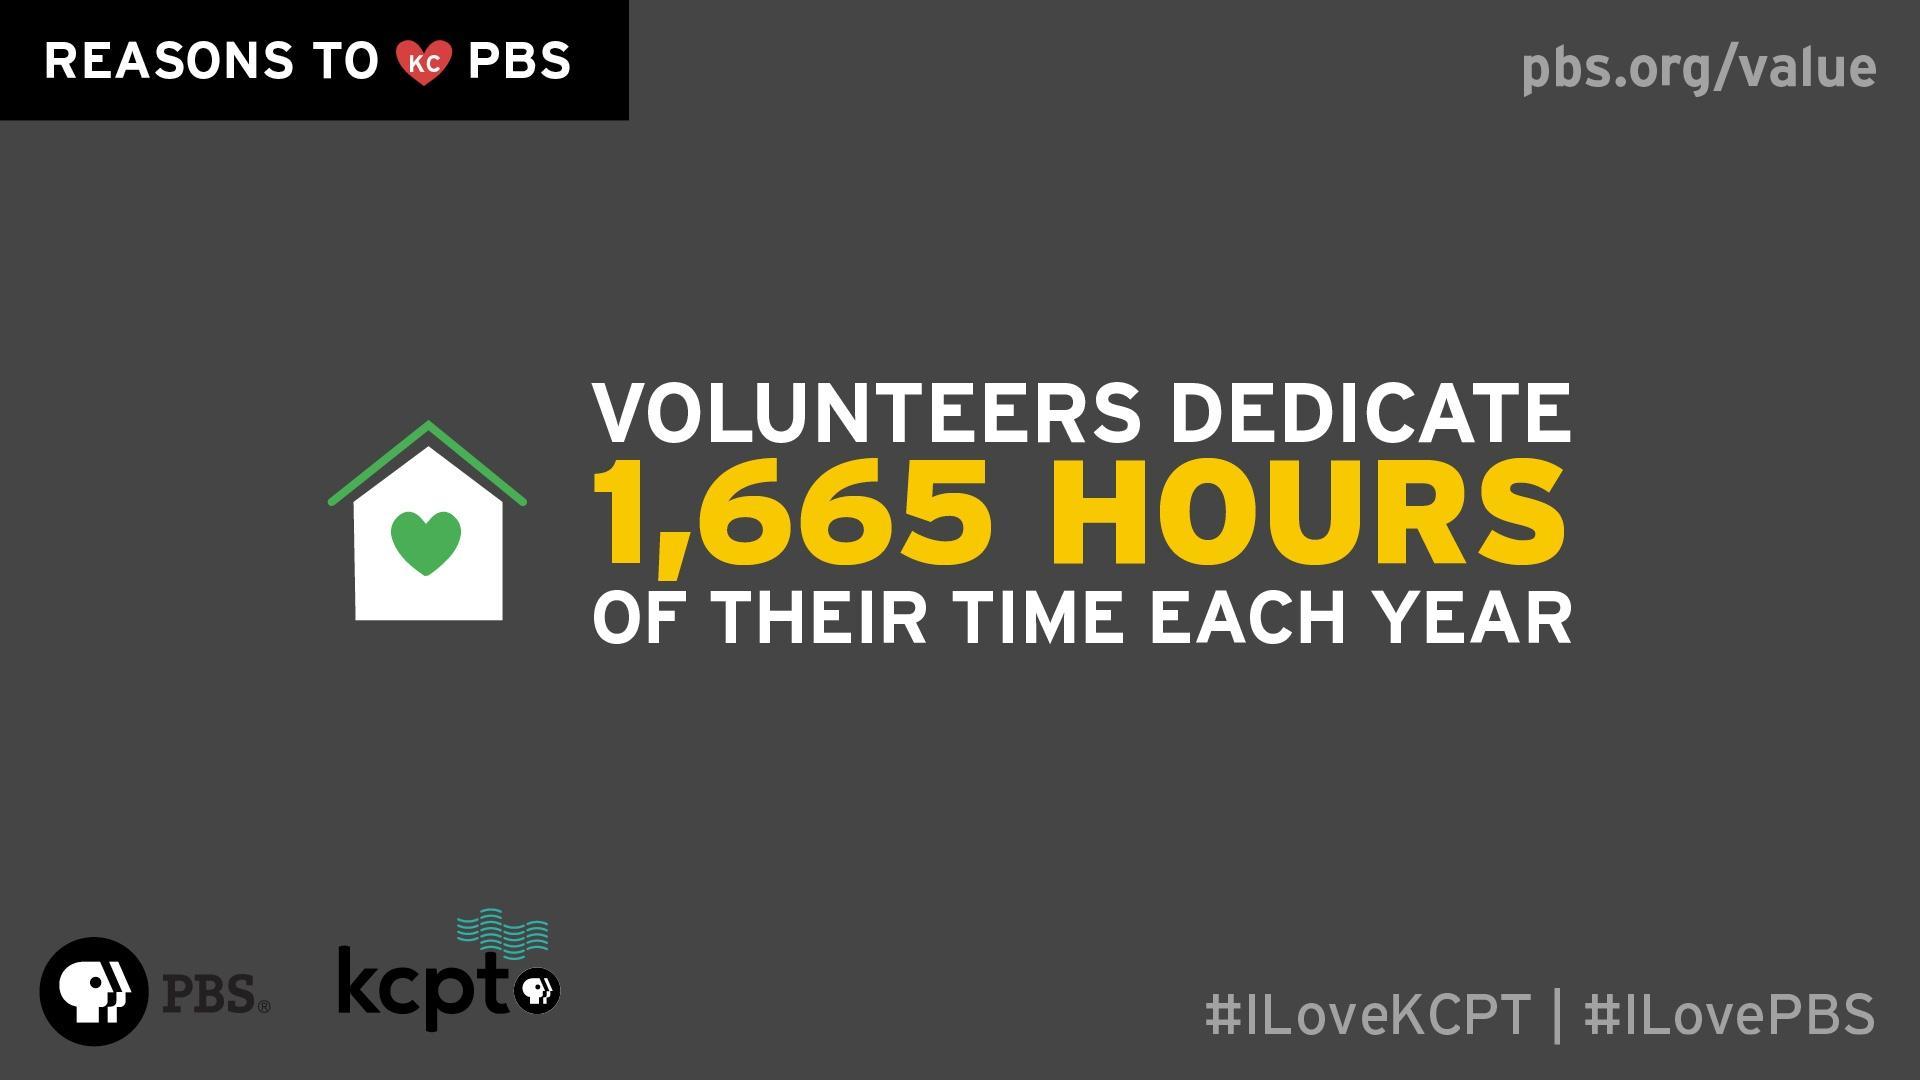 Volunteers dedicate 1,665 hours of their time each year.